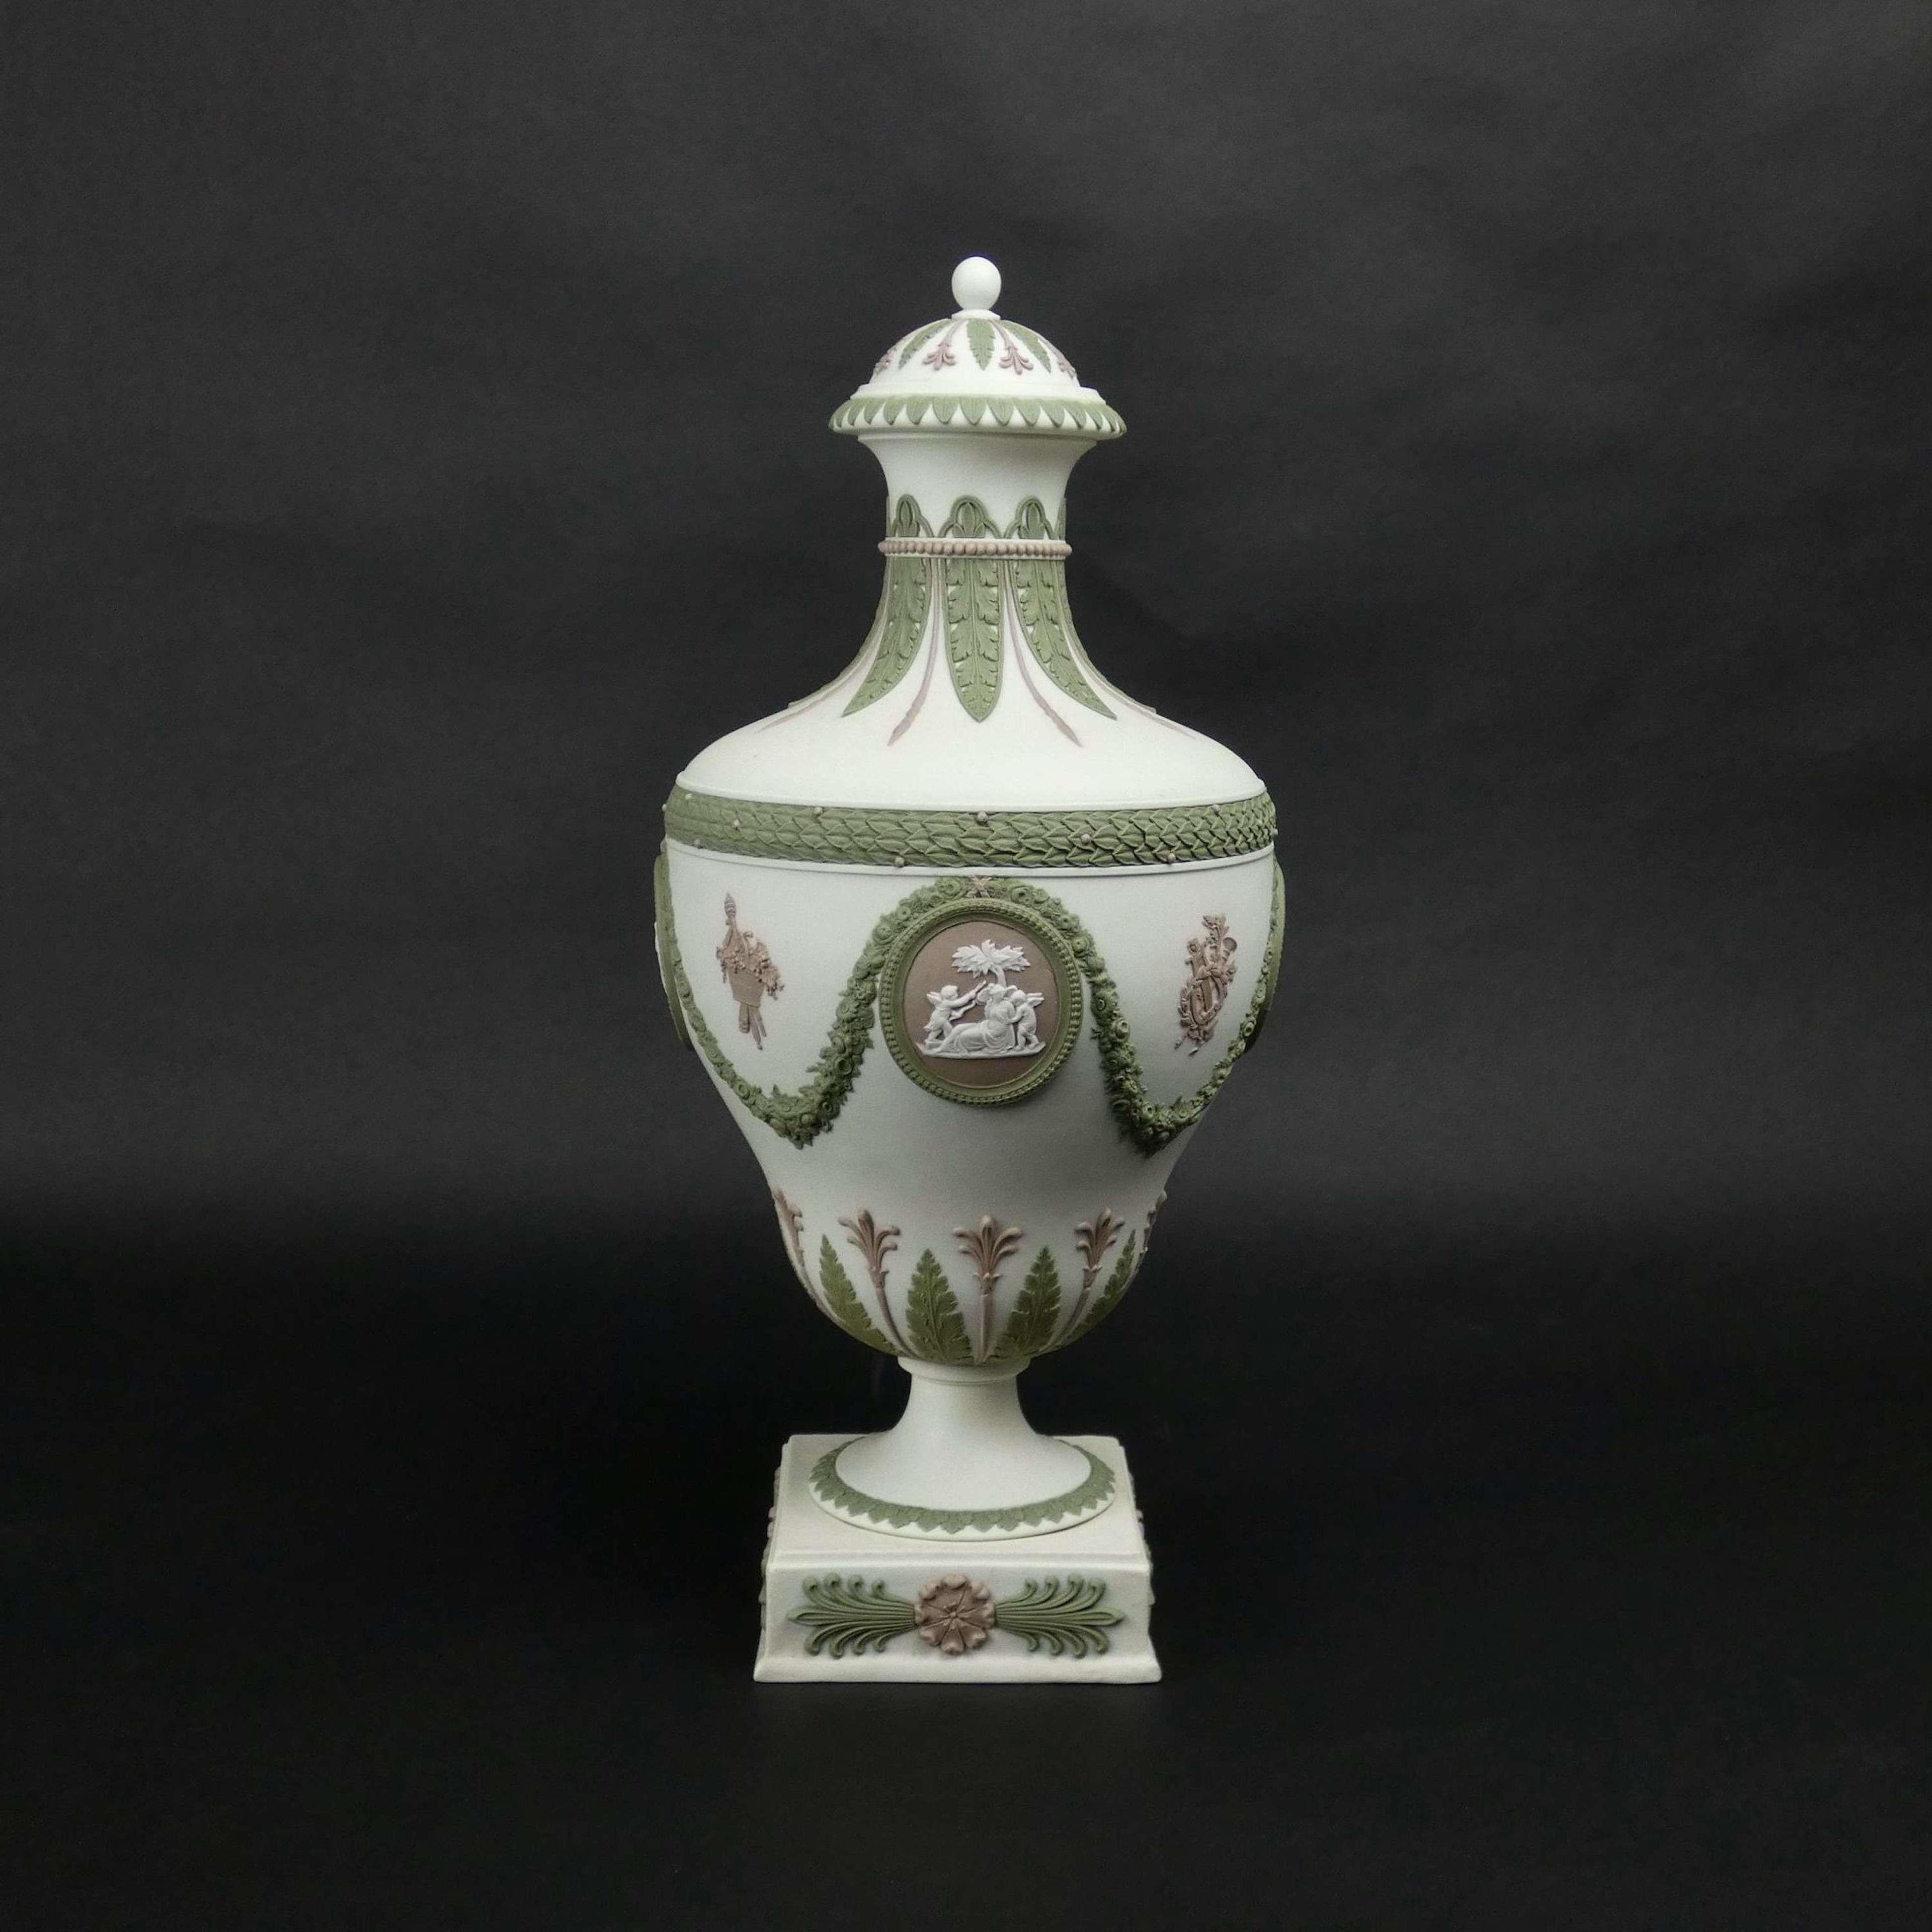 Fabulous Wedgwood Vase